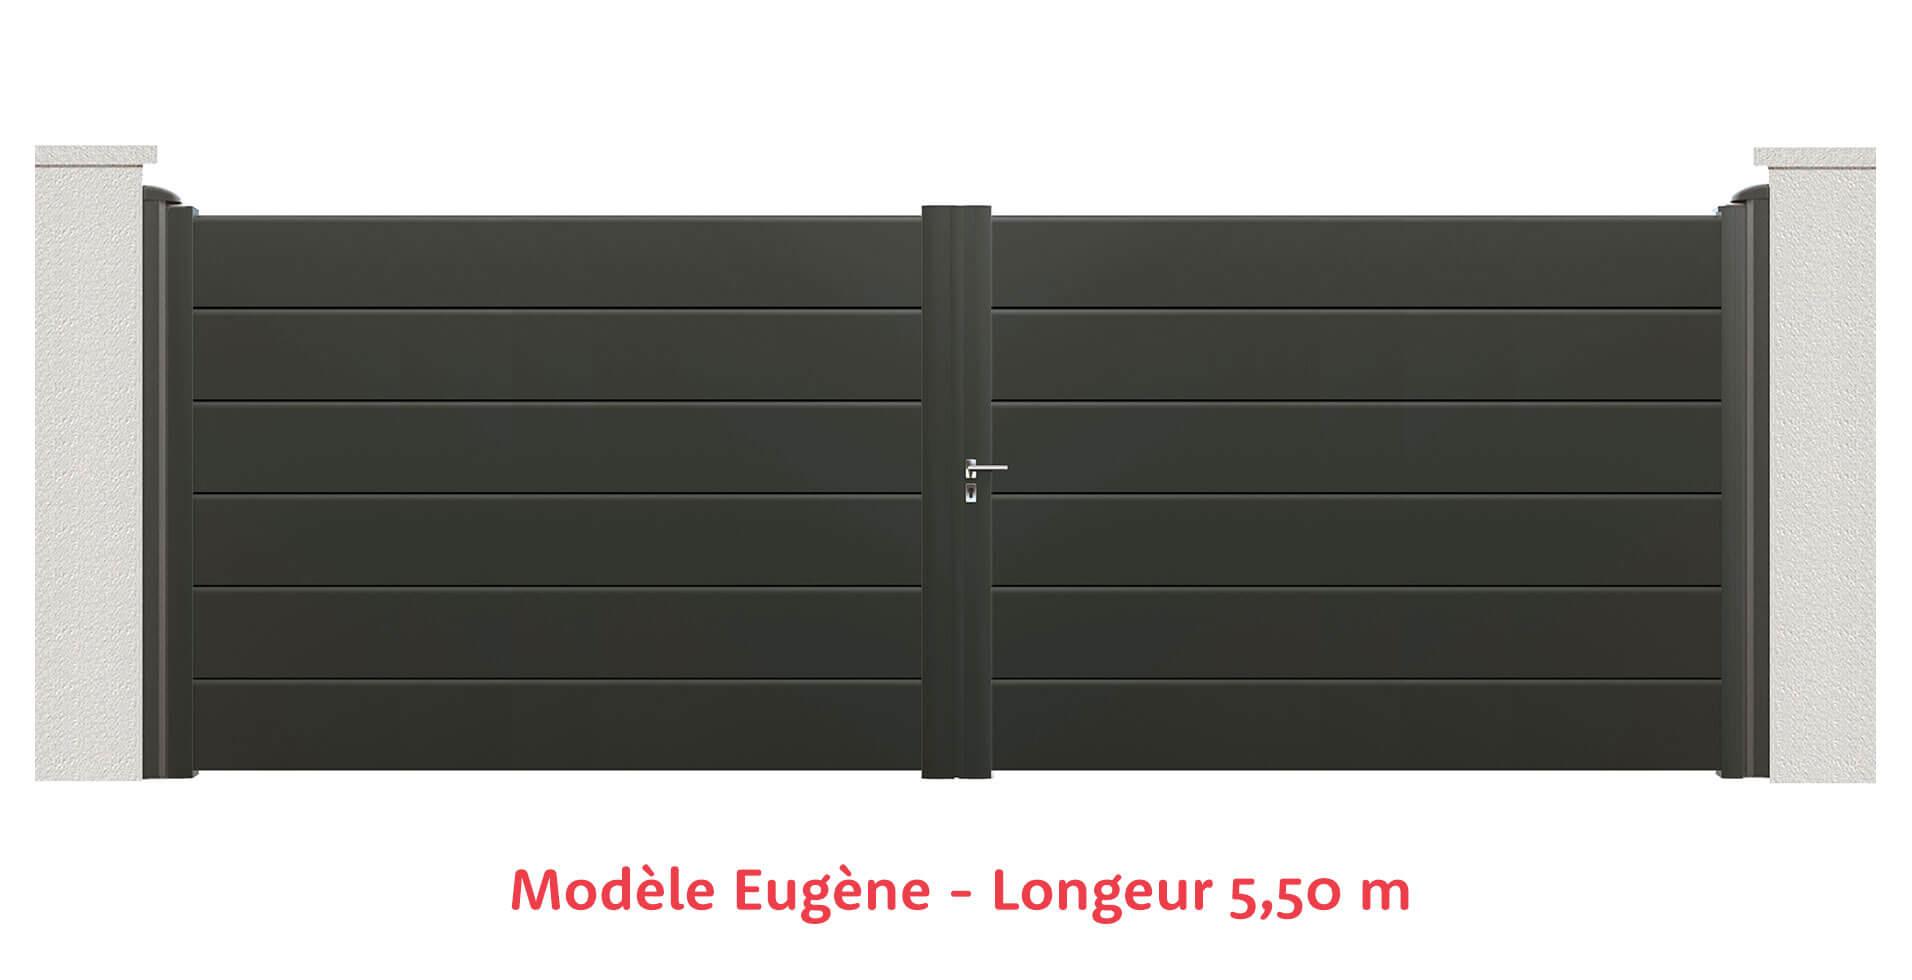 Modèle Eugène - Longueur 5,50 mètres - Cofreco